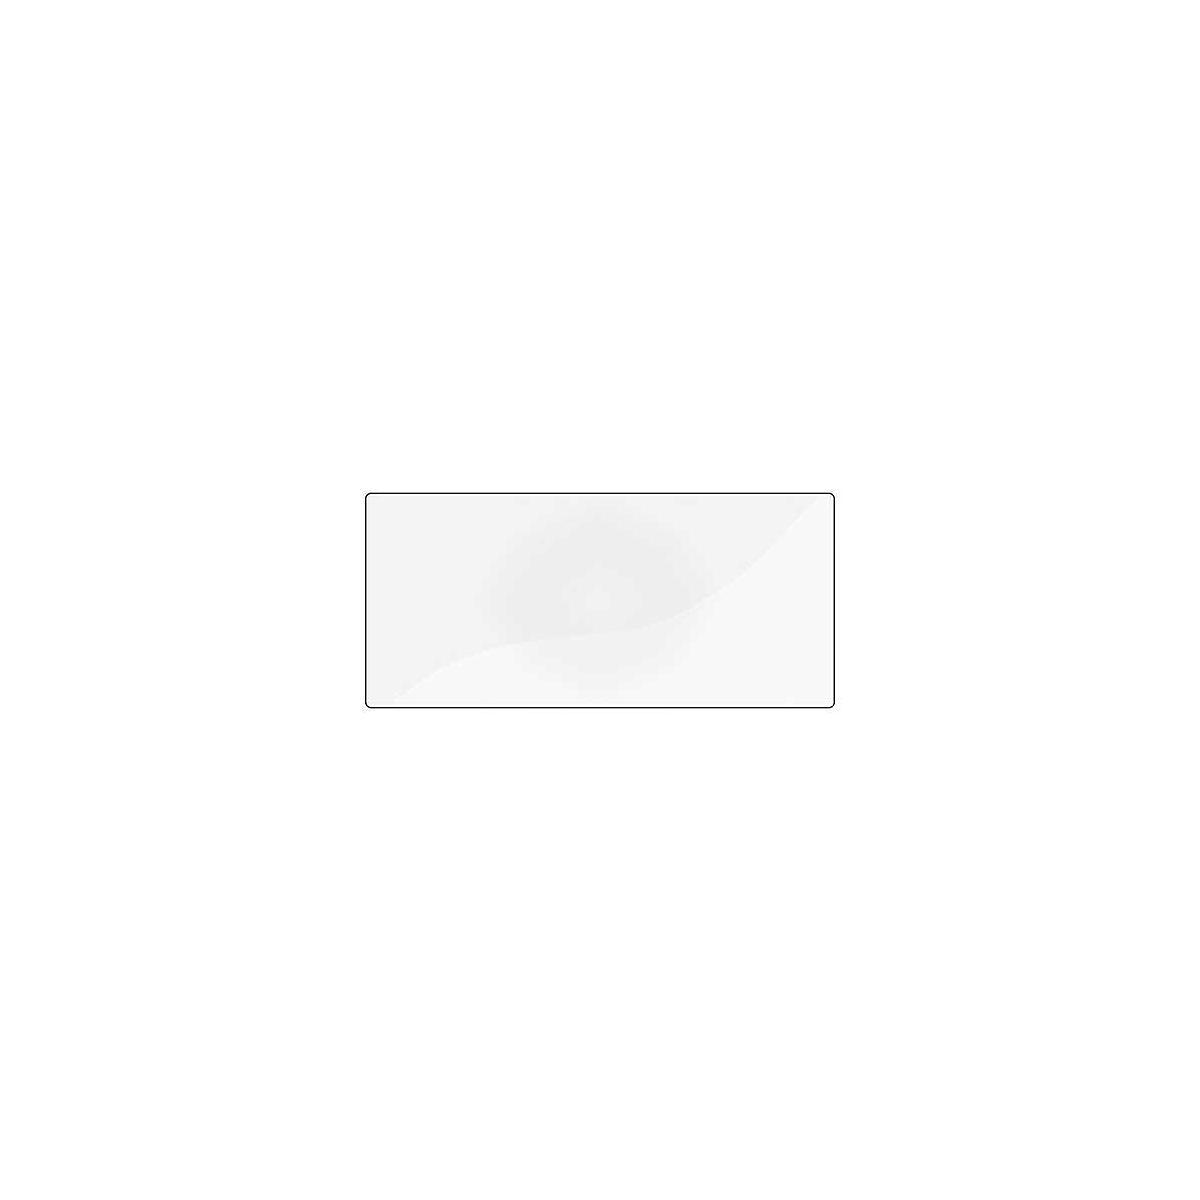 Schreibtischunterlage für kleiner Tisch Flexa transparent